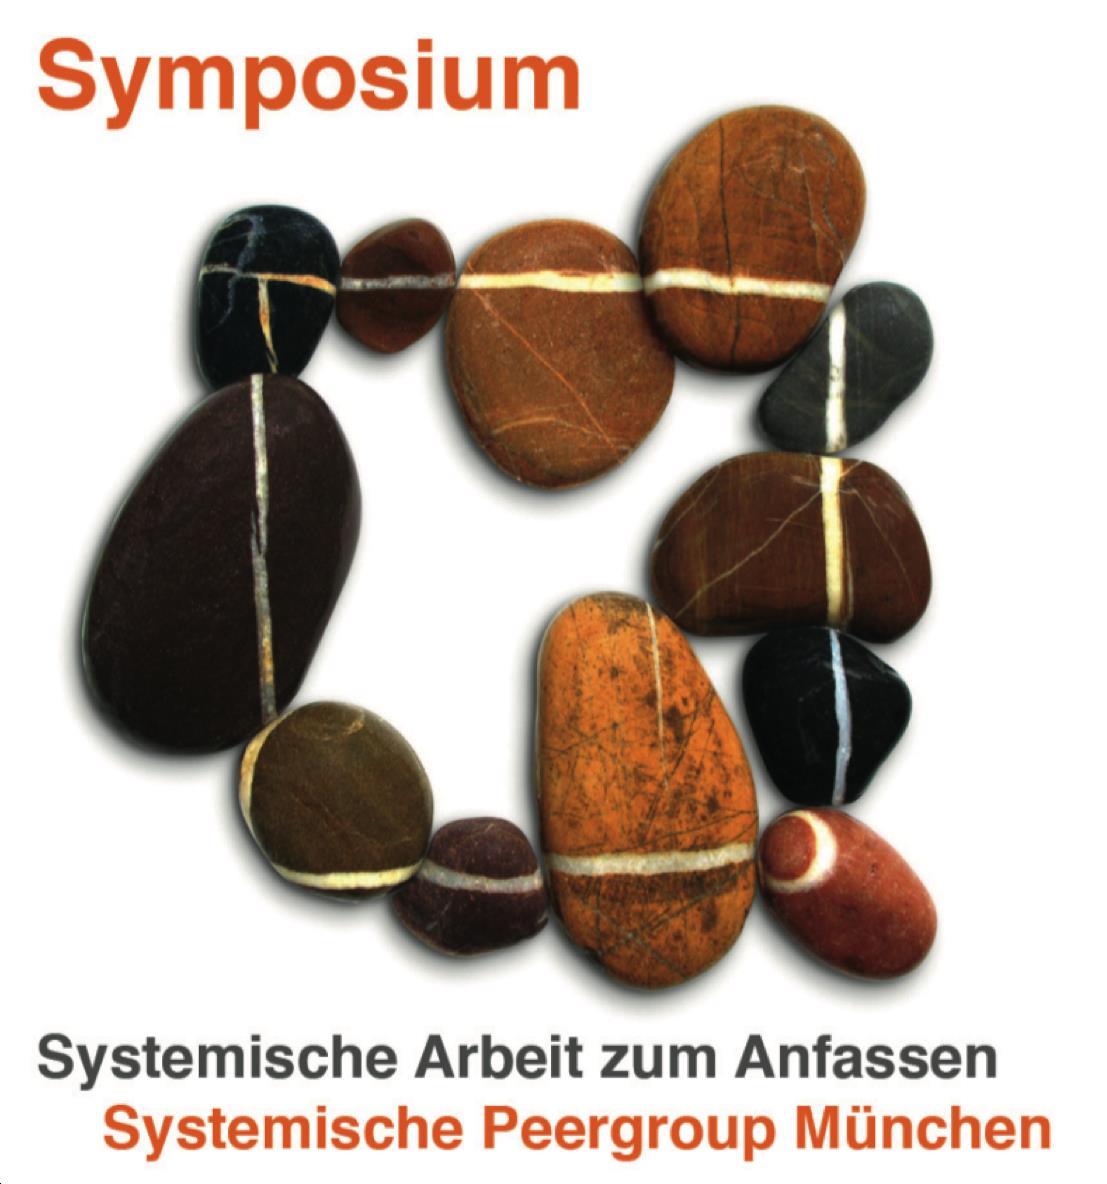 Systemische Peergroup München